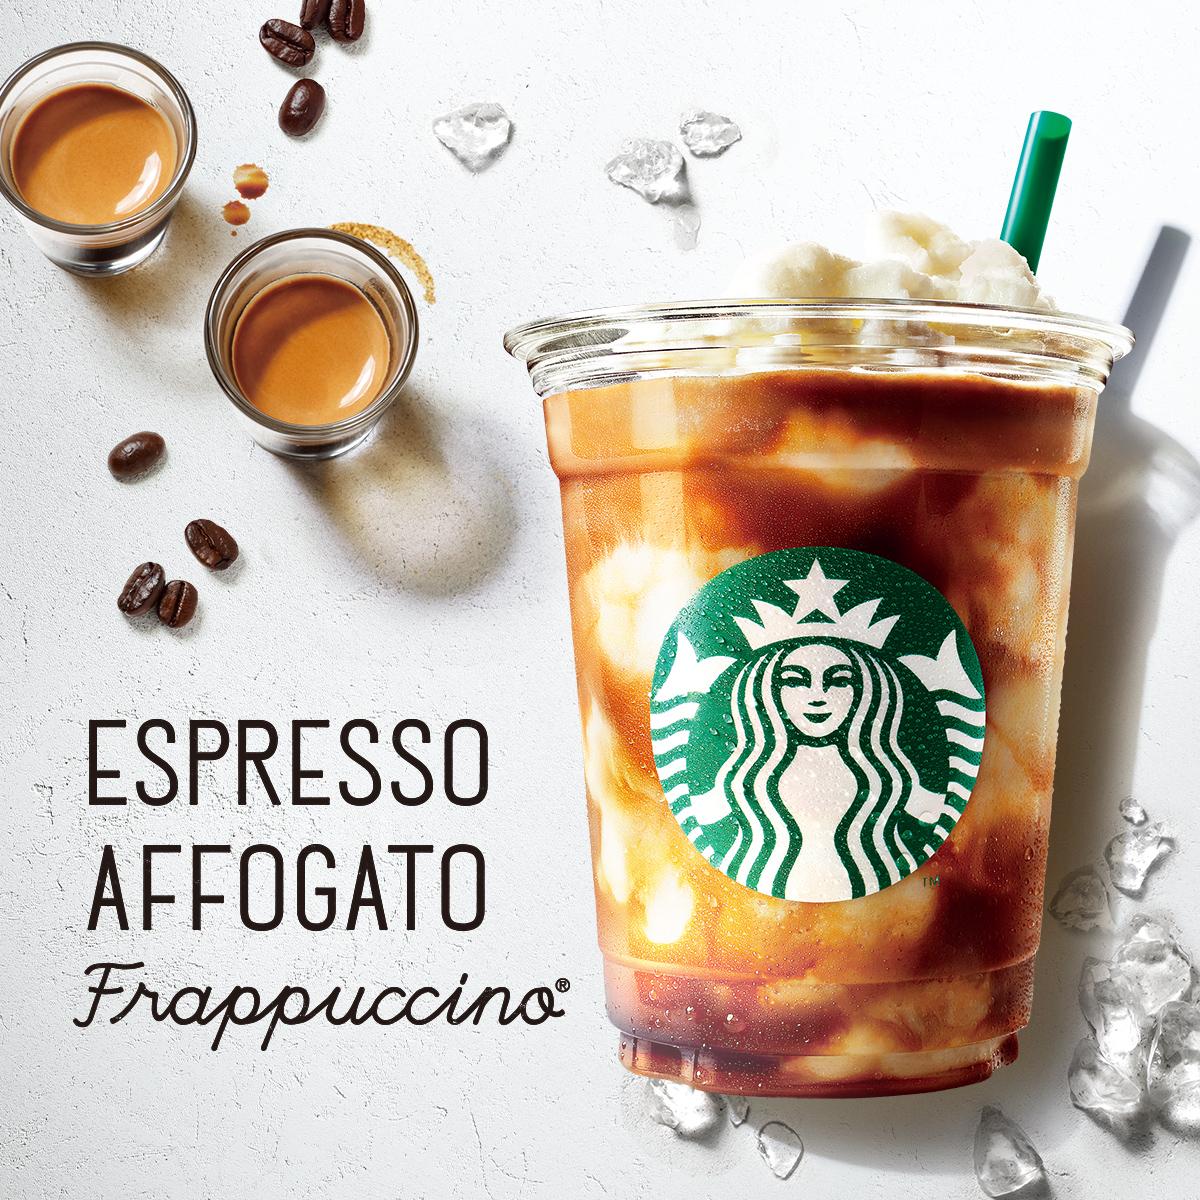 エスプレッソ アフォガート フラペチーノ